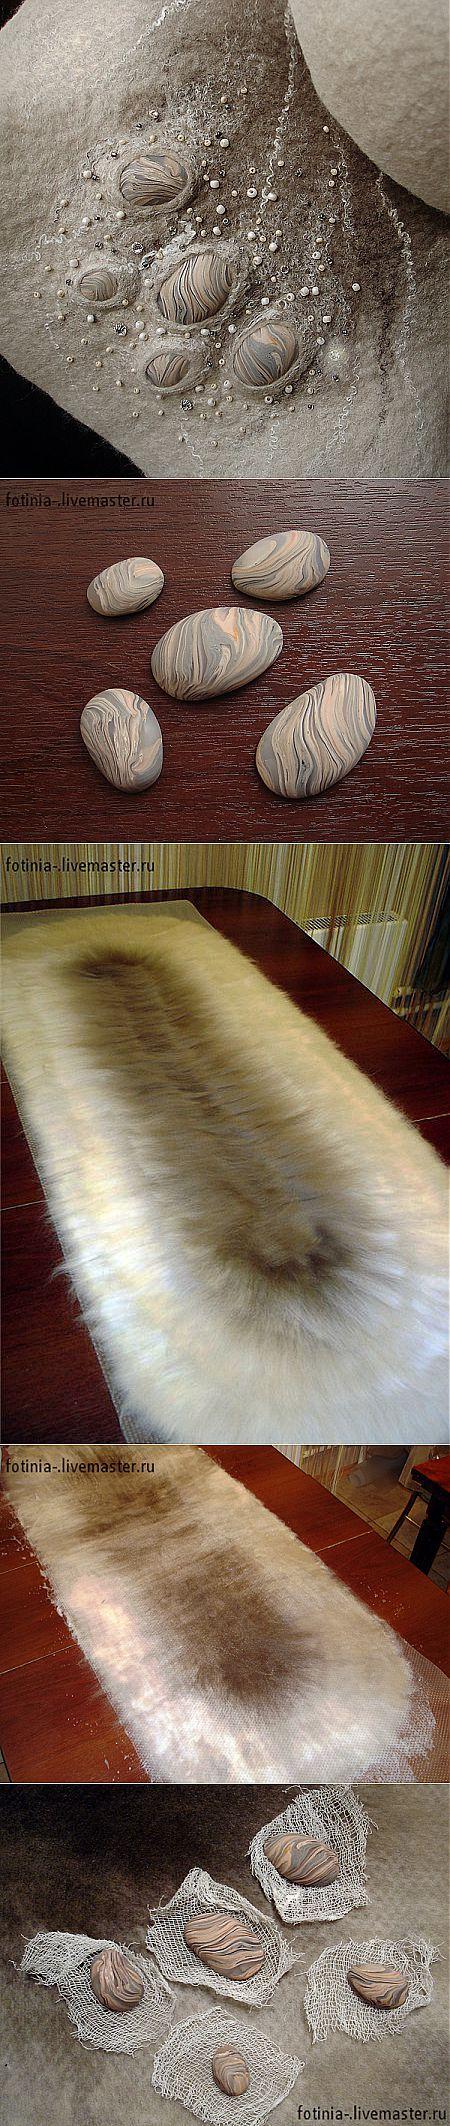 Как ввалять элементы из полимерной глины в шерсть...♥ Deniz ♥